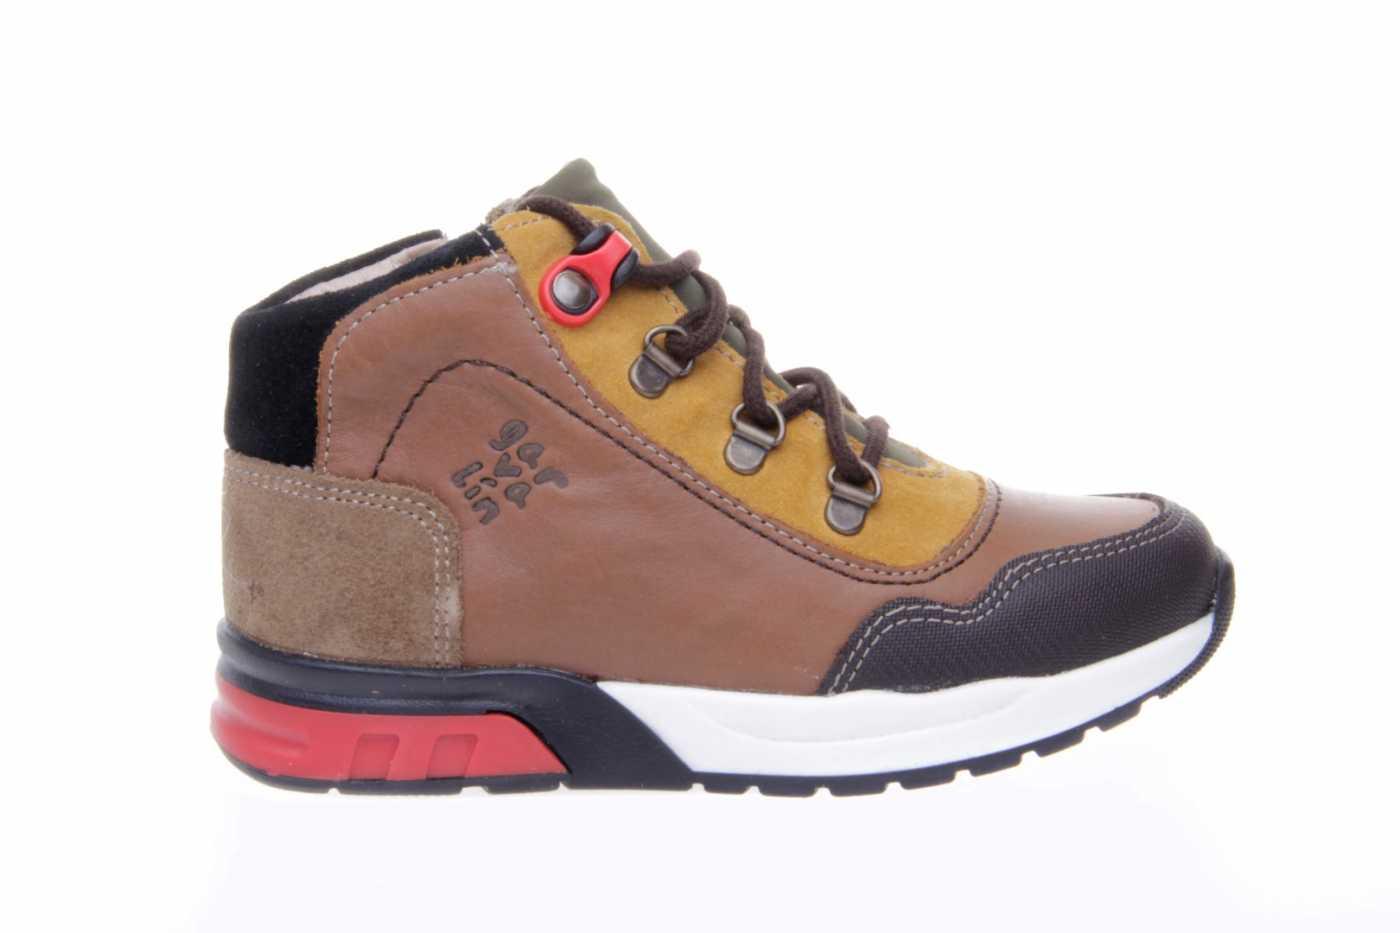 cdffb816 Comprar zapato tipo JOVEN NIÑO estilo BOTAS COLOR CUERO PIEL | BOTA ...